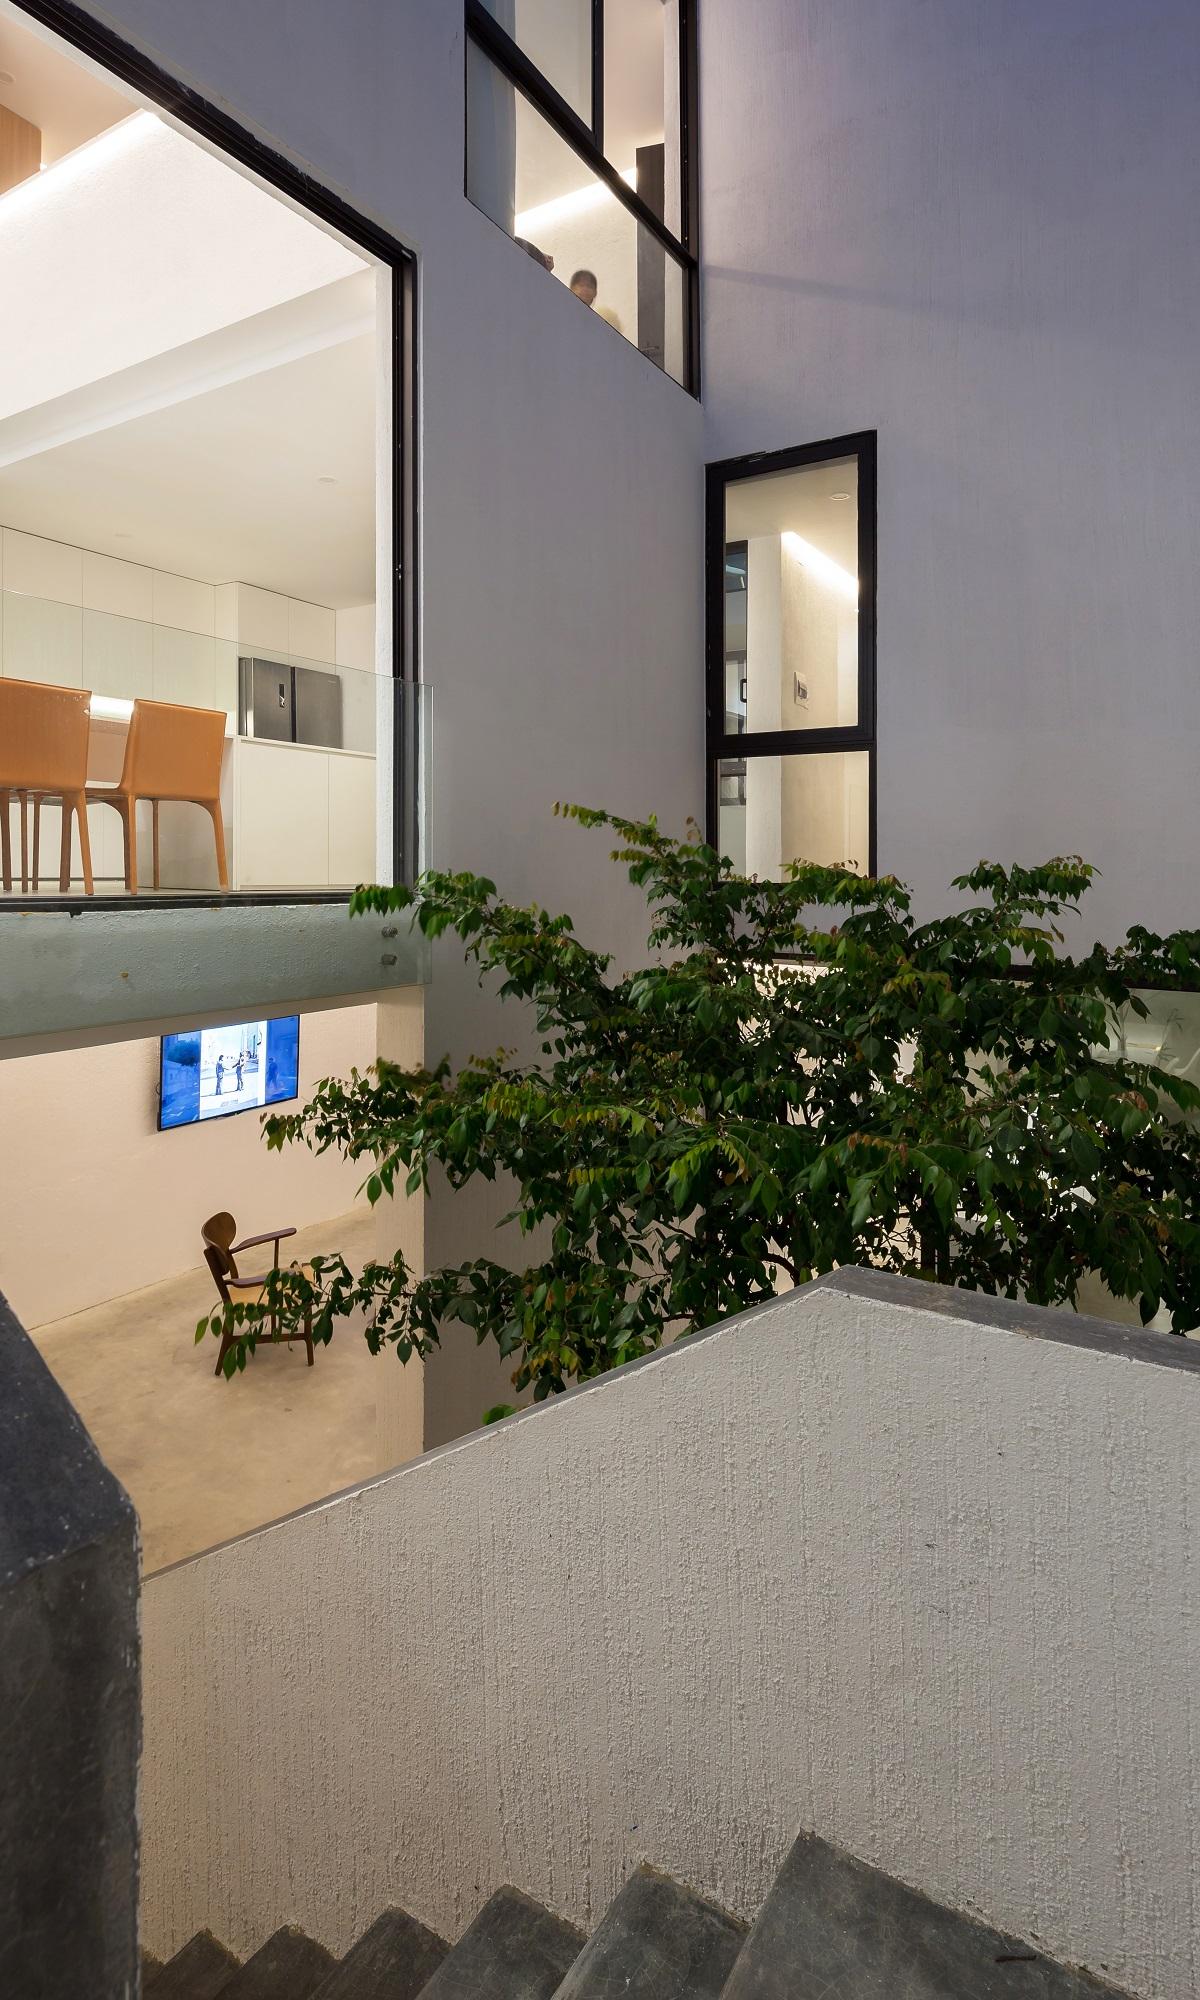 12.12 - Nhà Mệ Loan - Khoảng trời đón nắng trong ngõ nhỏ   H-H Studio